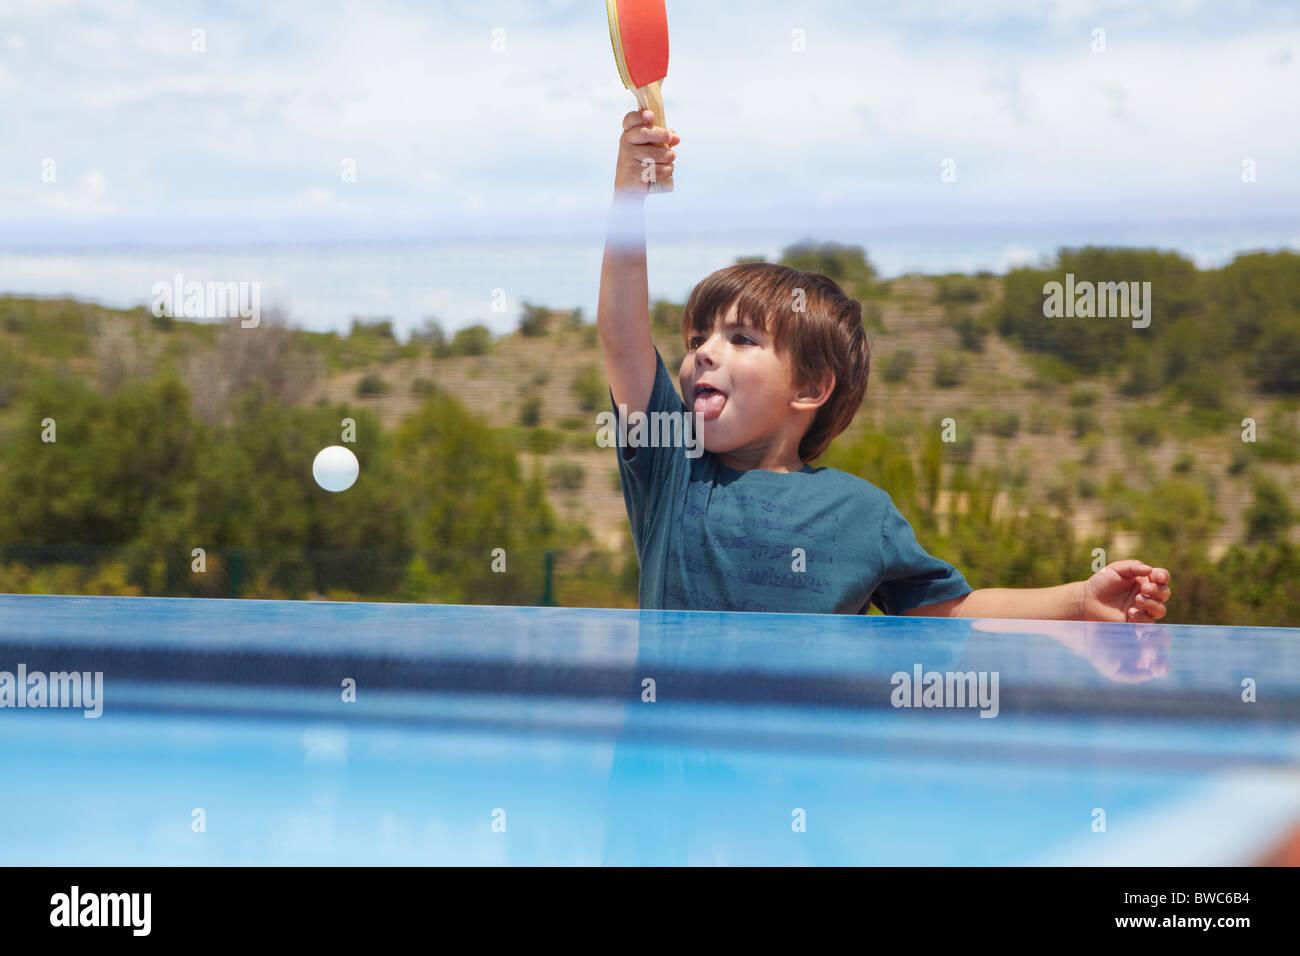 Giovane ragazzo giocando a ping-pong all'aperto Immagini Stock